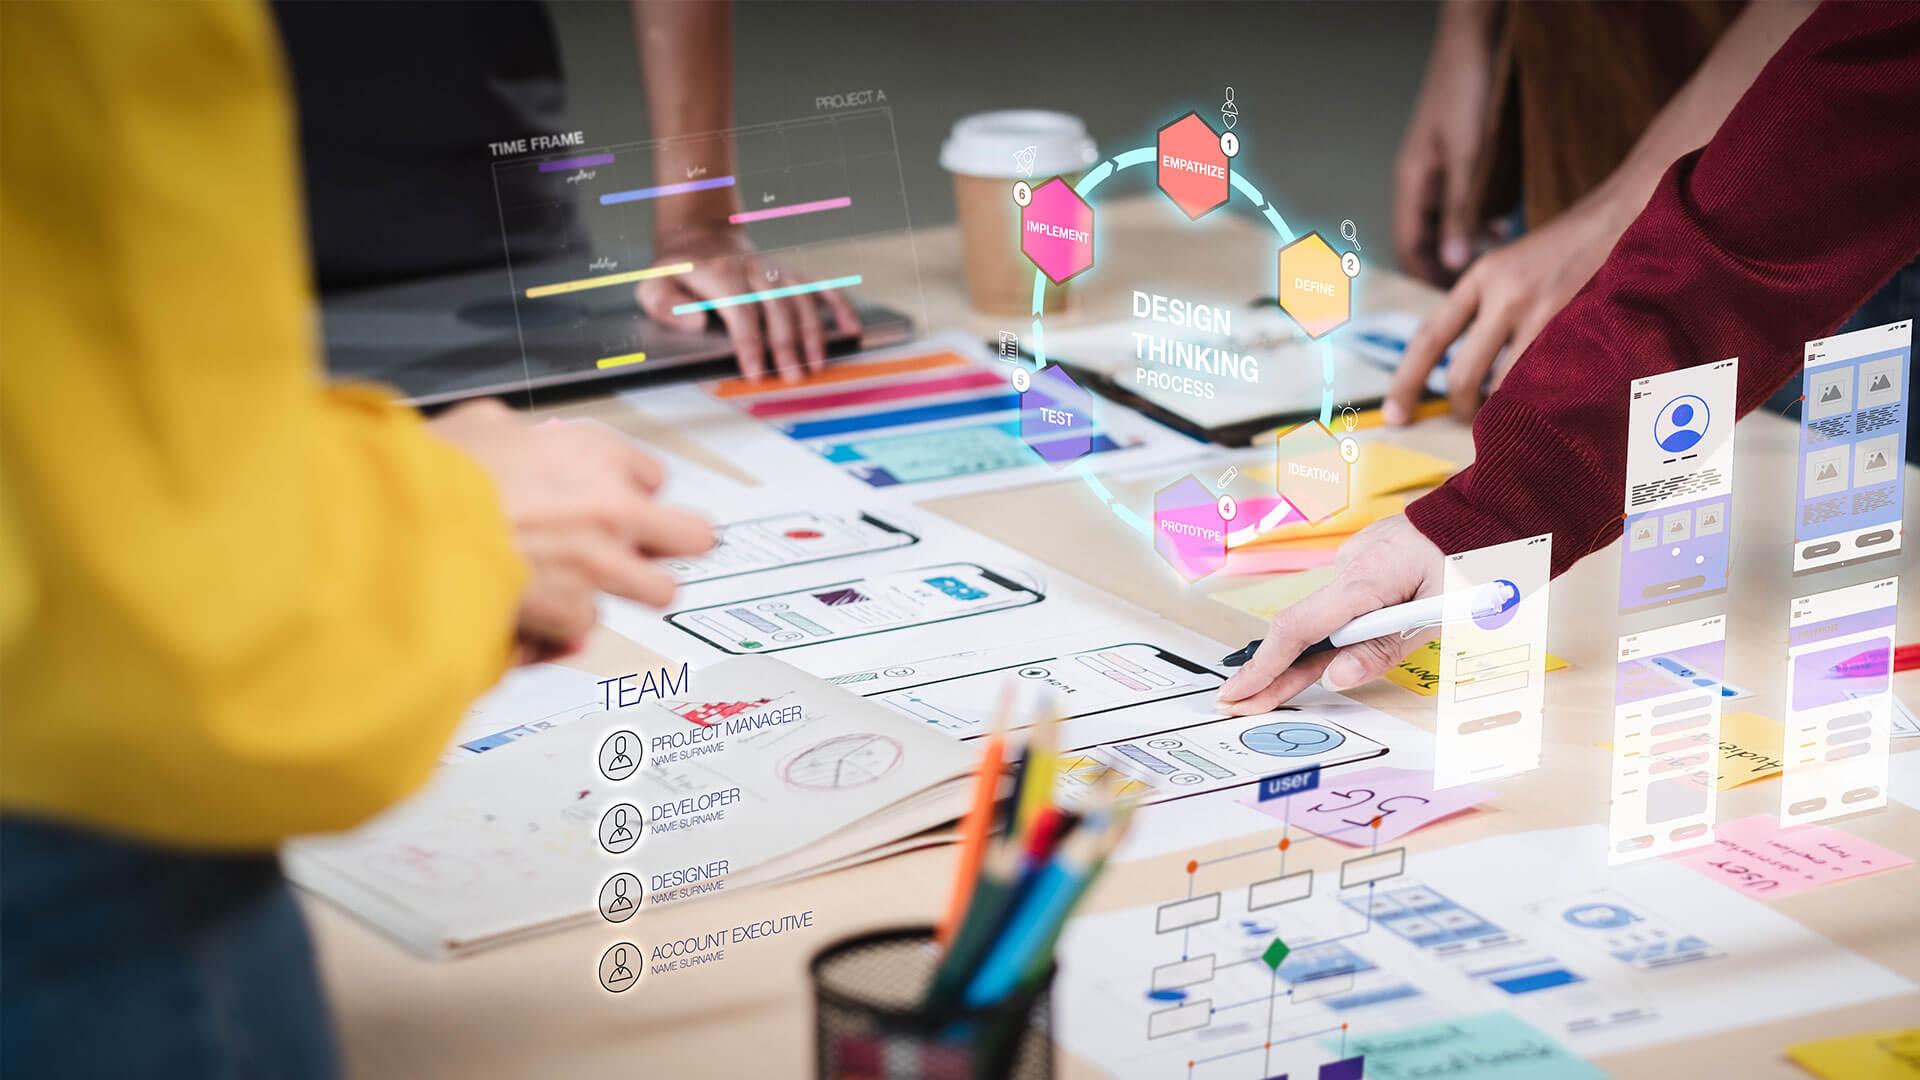 ¿Cuál es el objetivo de una Agencia digital?